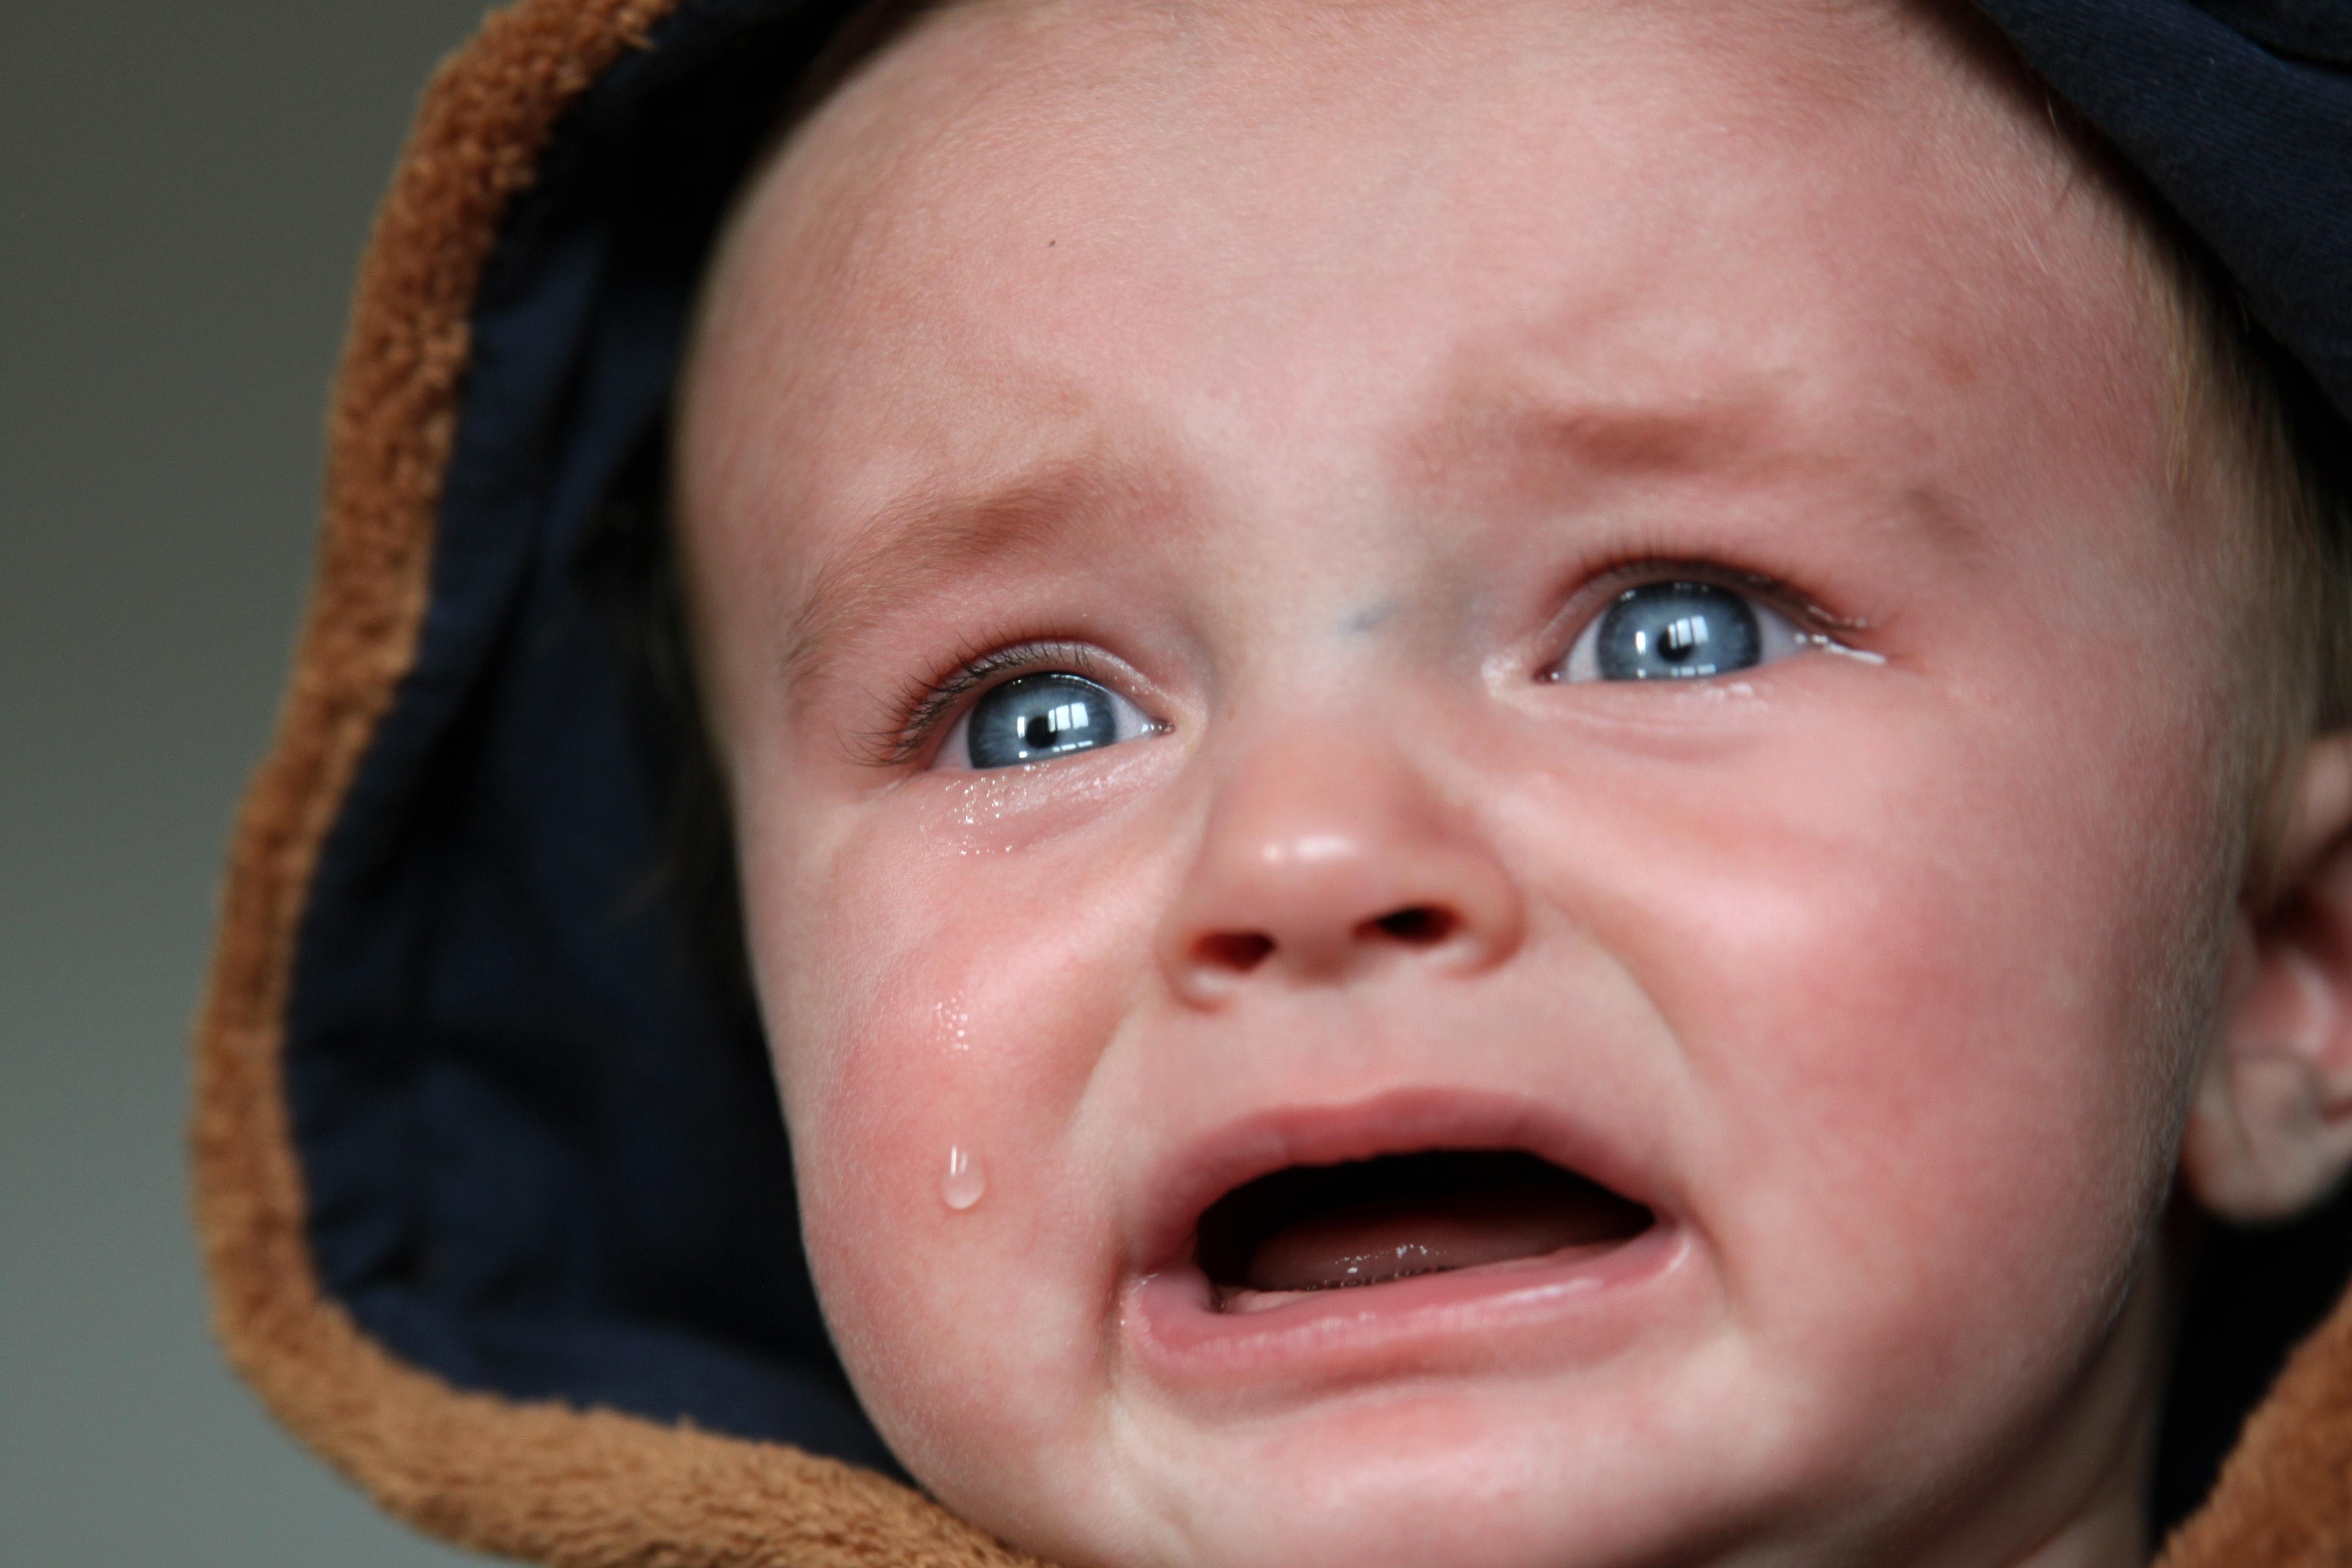 Mengapa Bayi menangis?